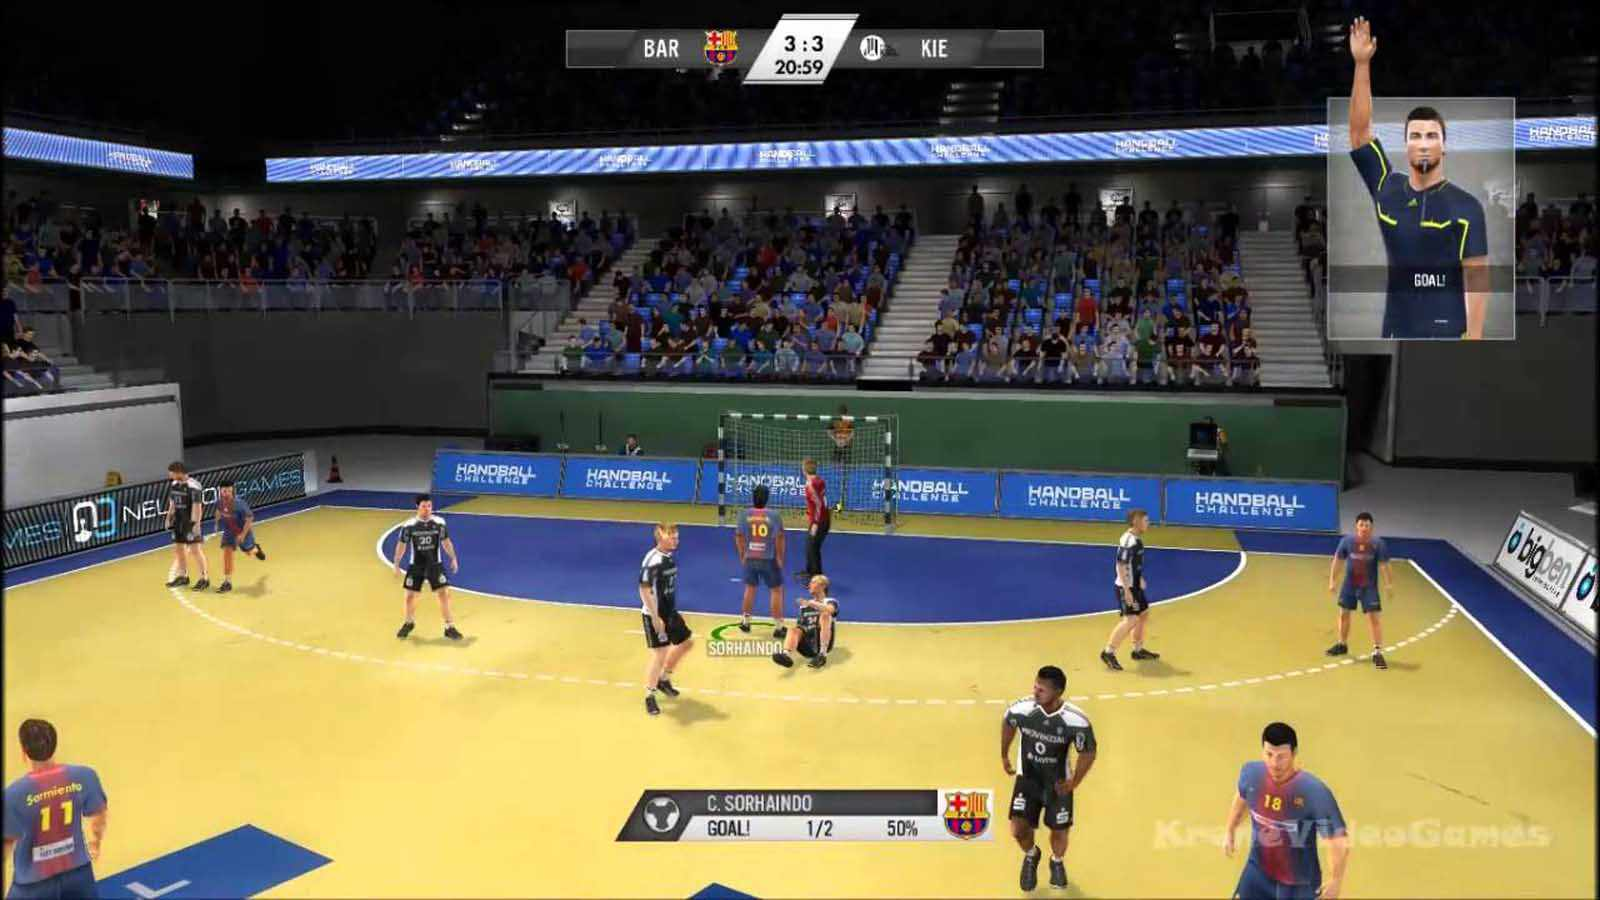 تحميل لعبة 14 Handball Challenge مضغوطة كاملة بروابط مباشرة مجانا